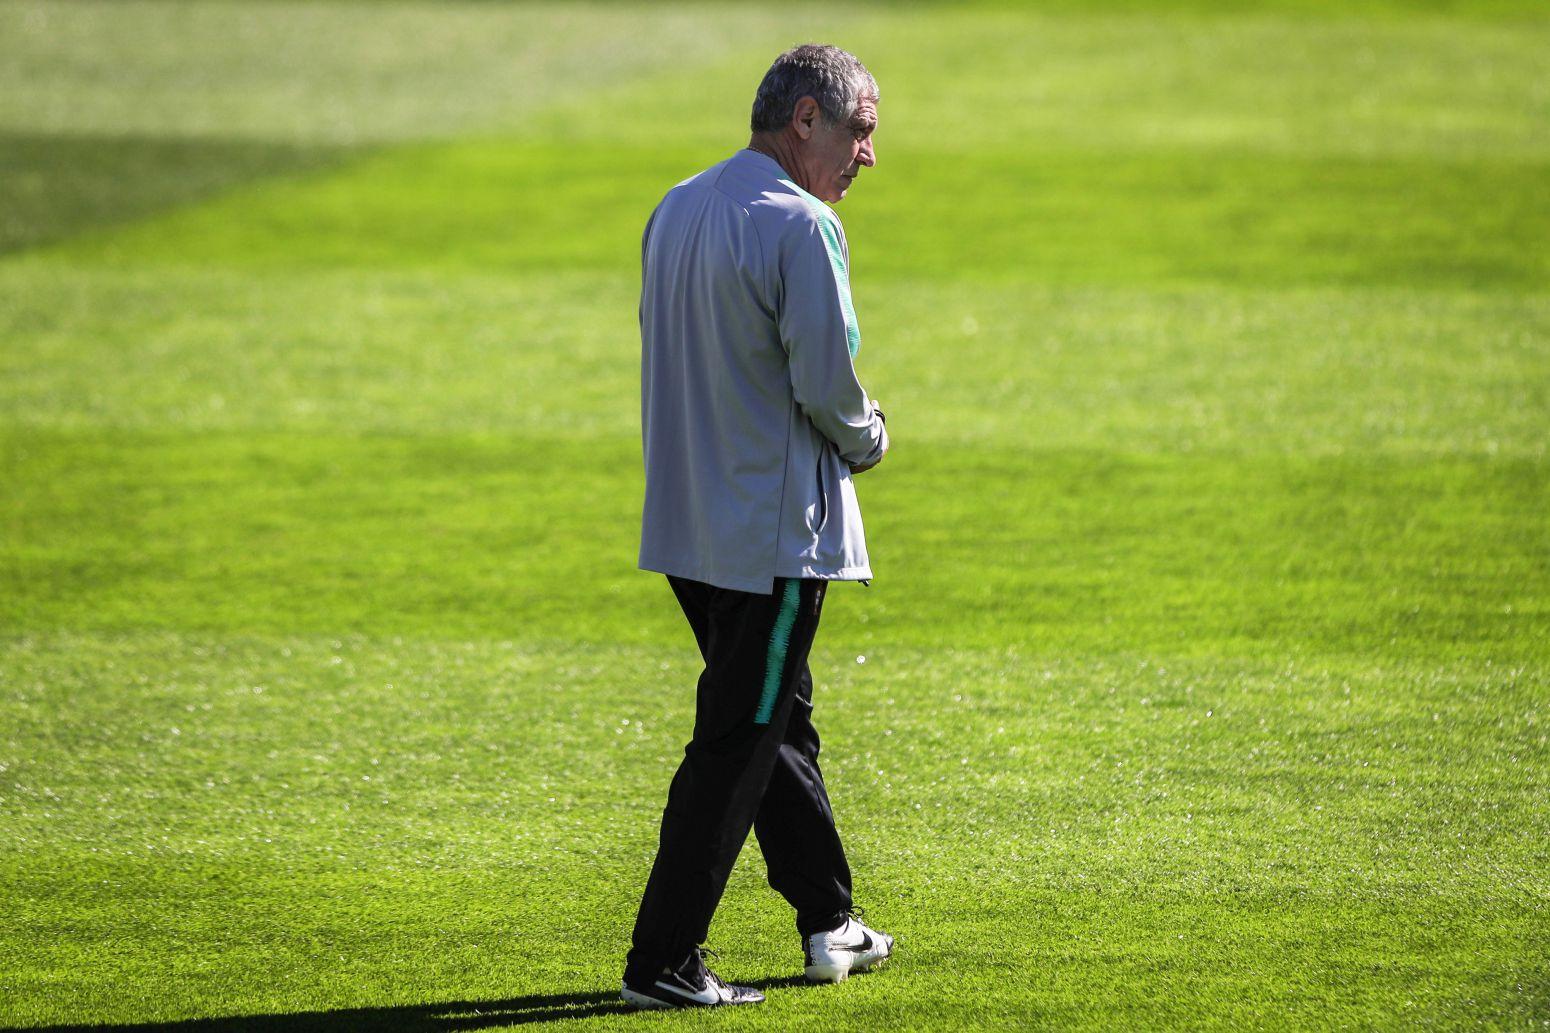 葡萄牙主帅:C罗应得FIFA最佳奖,B席没进候选很奇怪